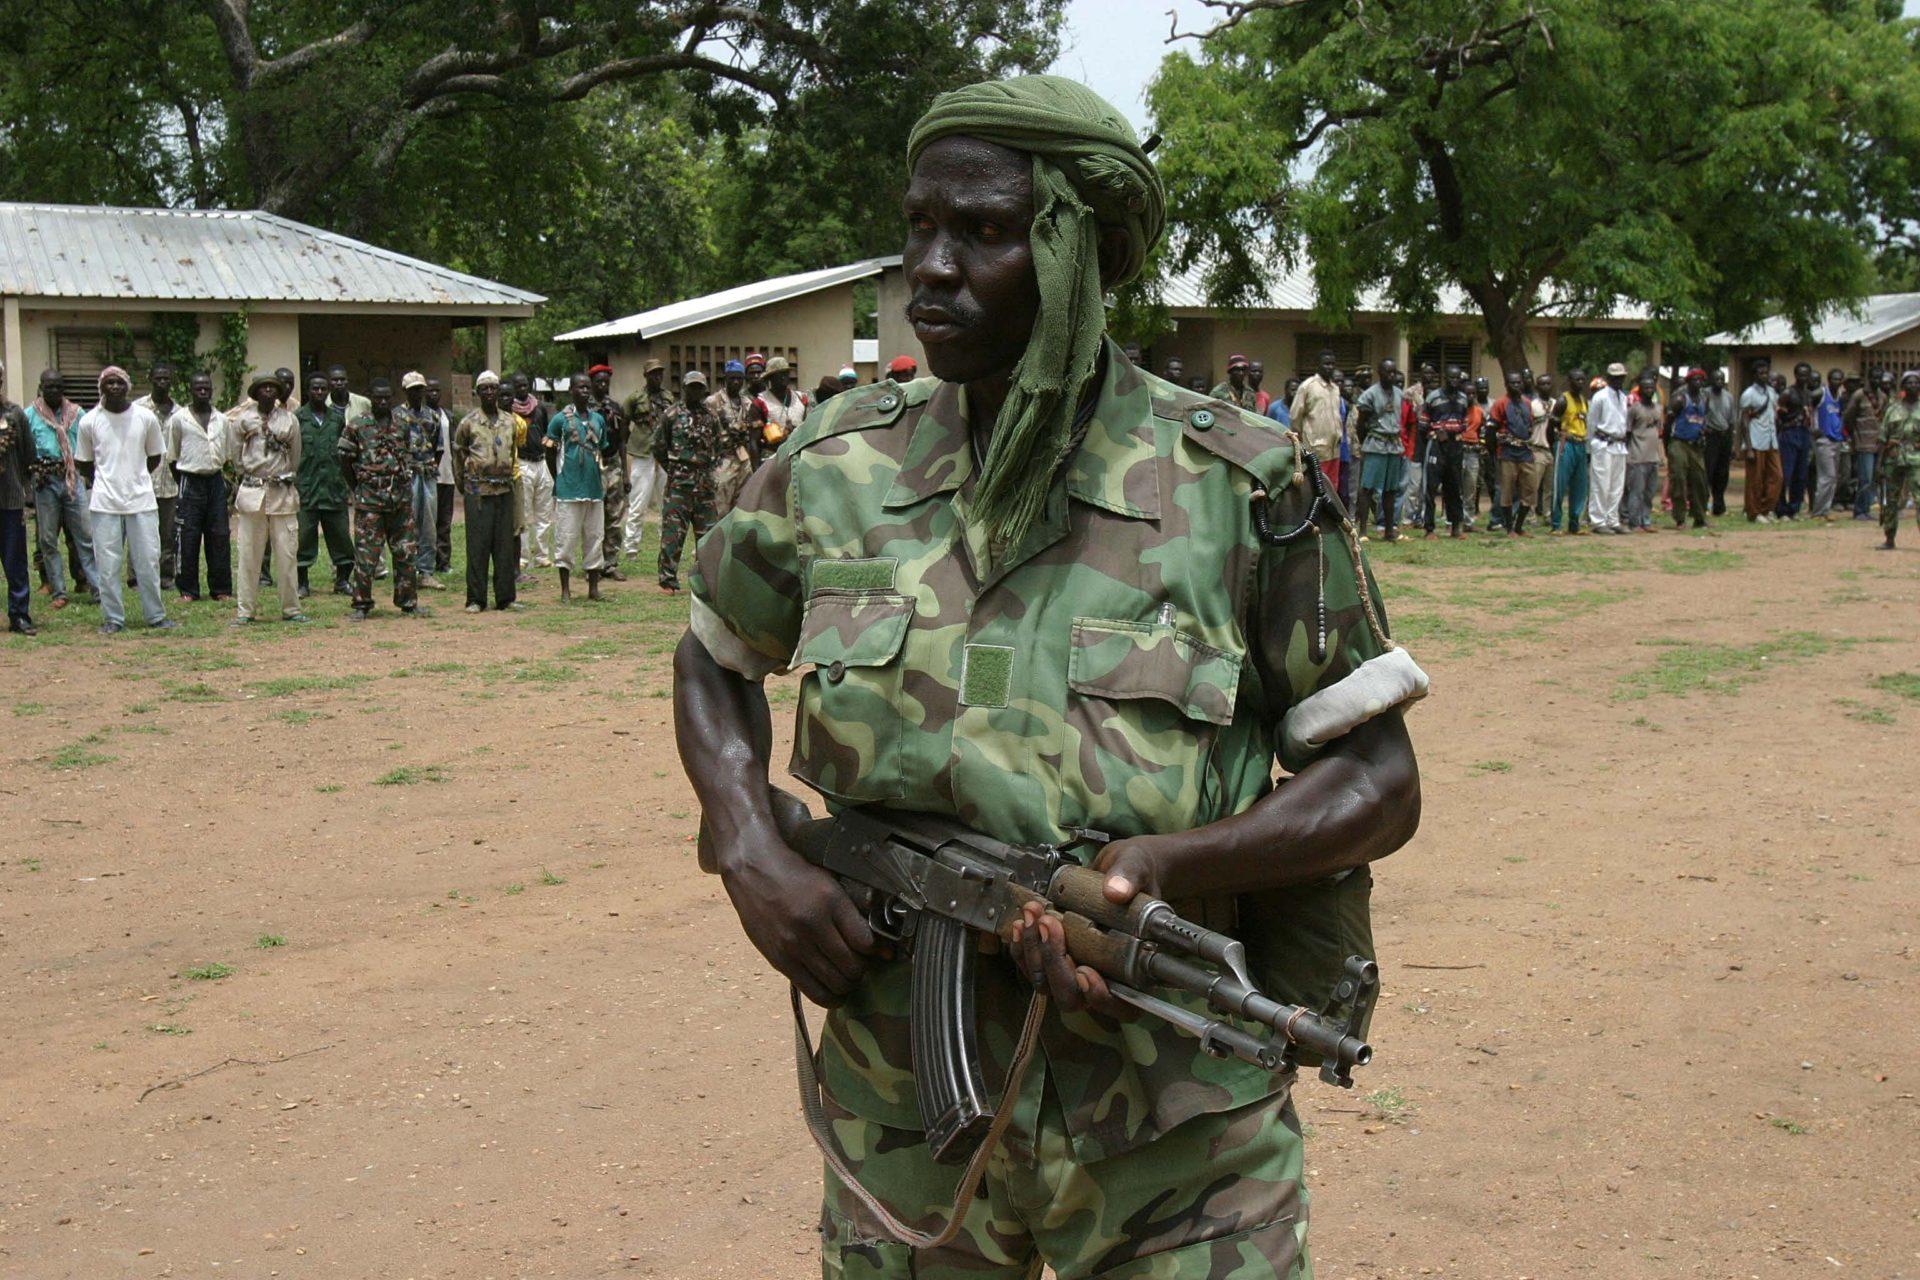 中央アフリカ北部の反乱軍の兵士